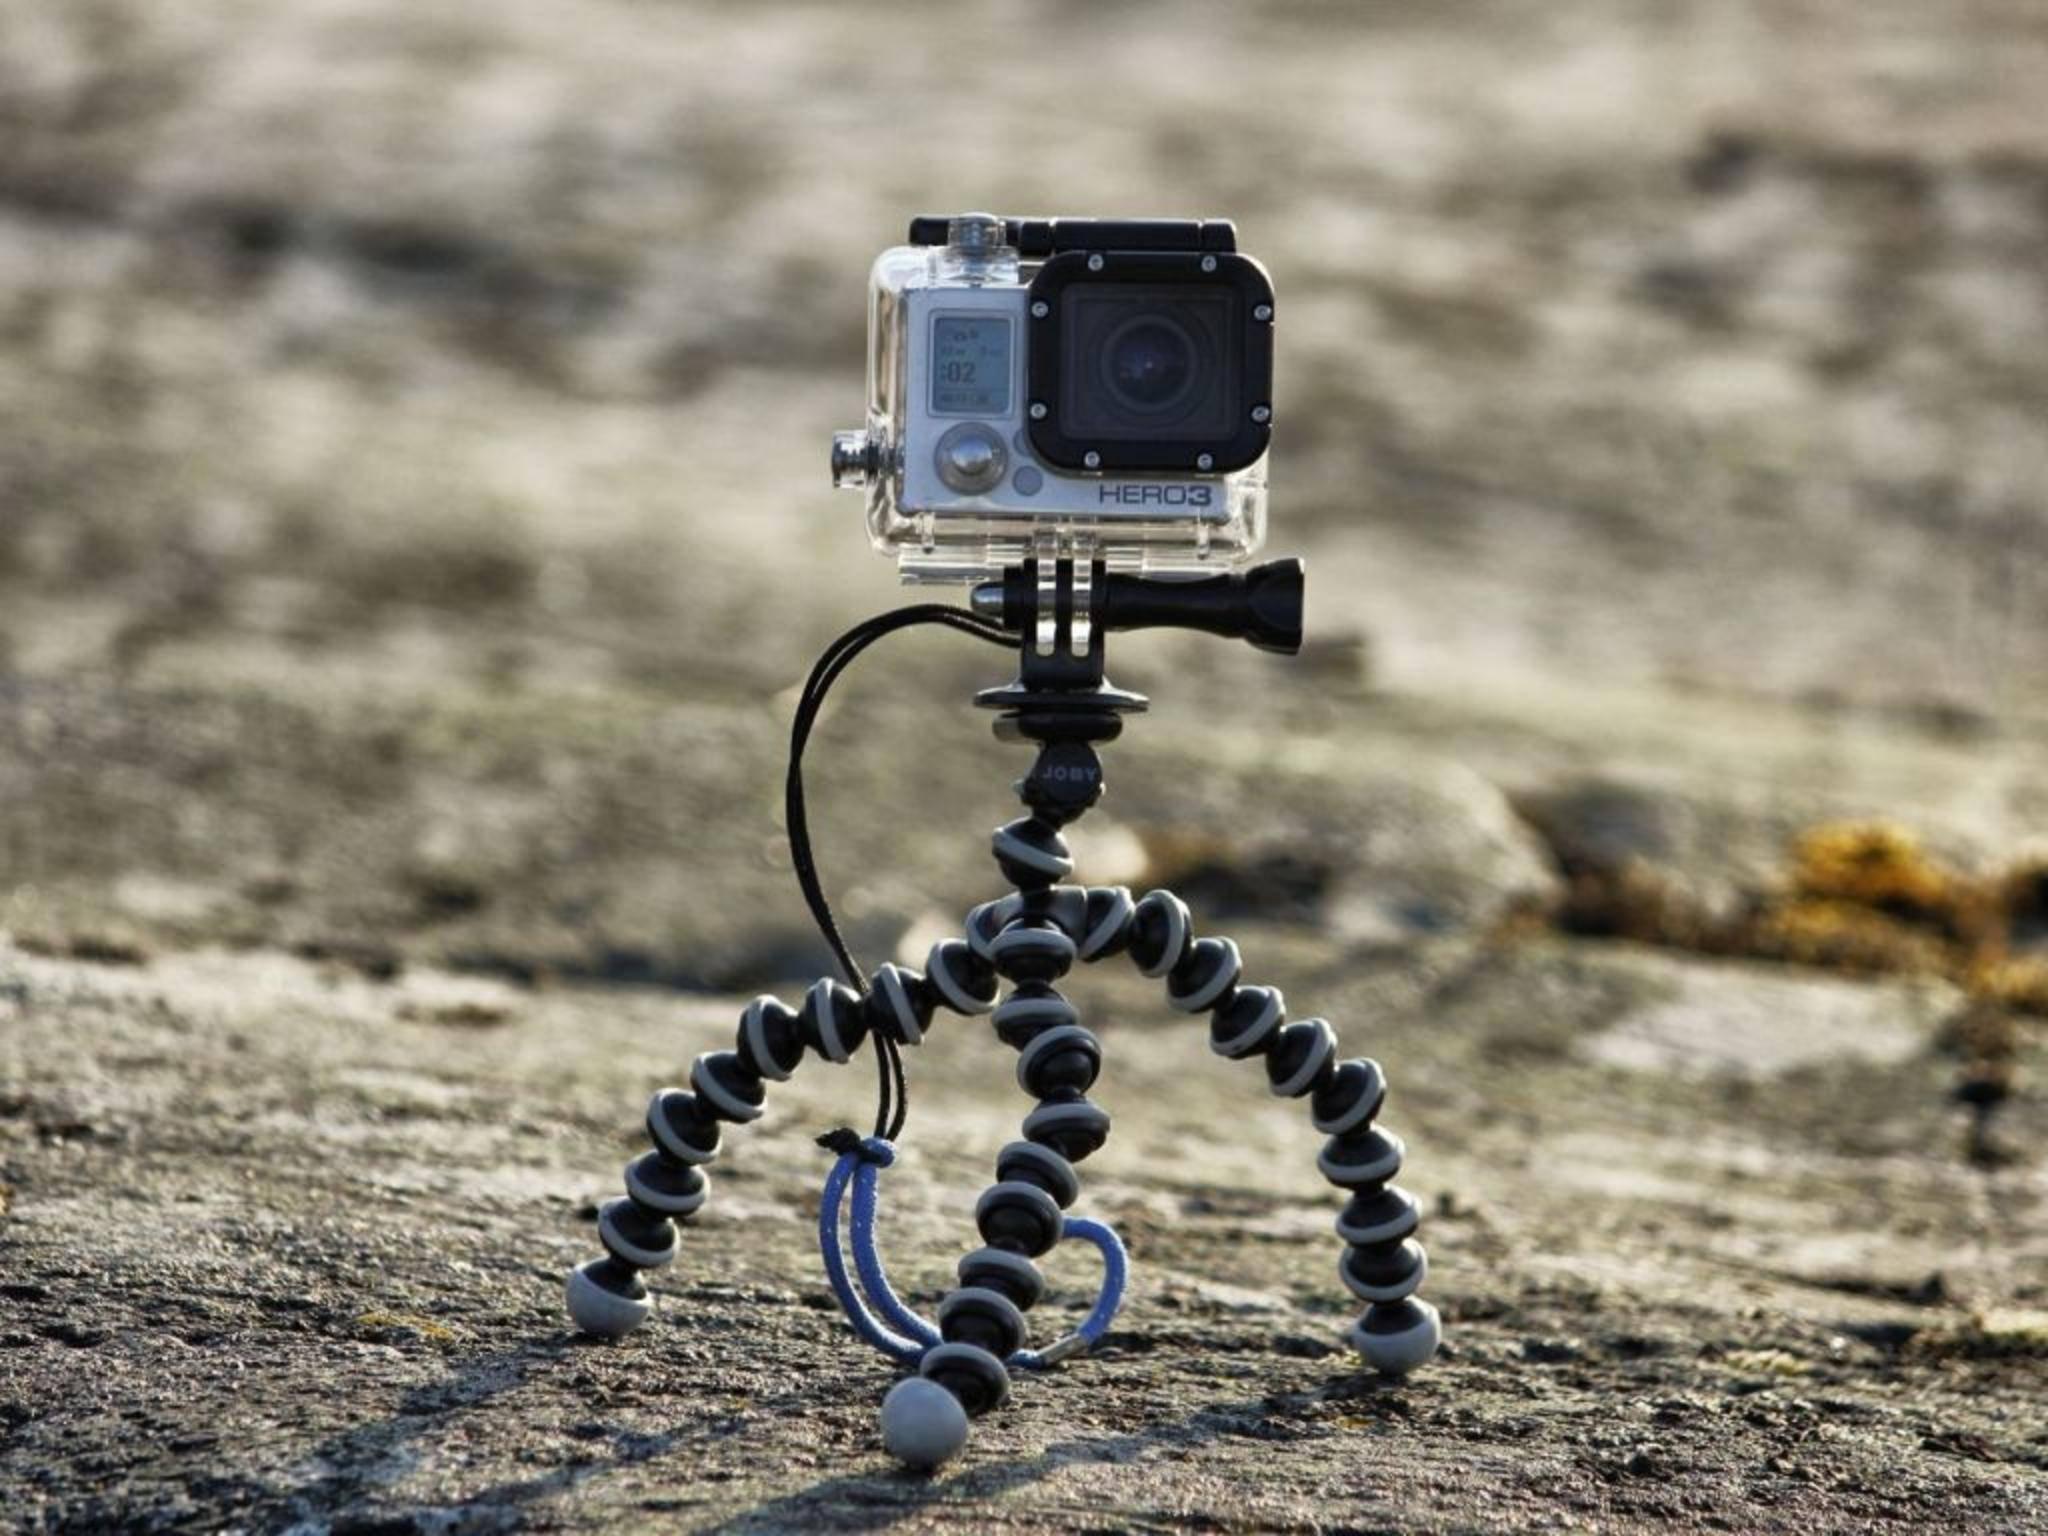 Willst Du bewegte Motive einfangen, sollte die GoPro ruhig stehen.